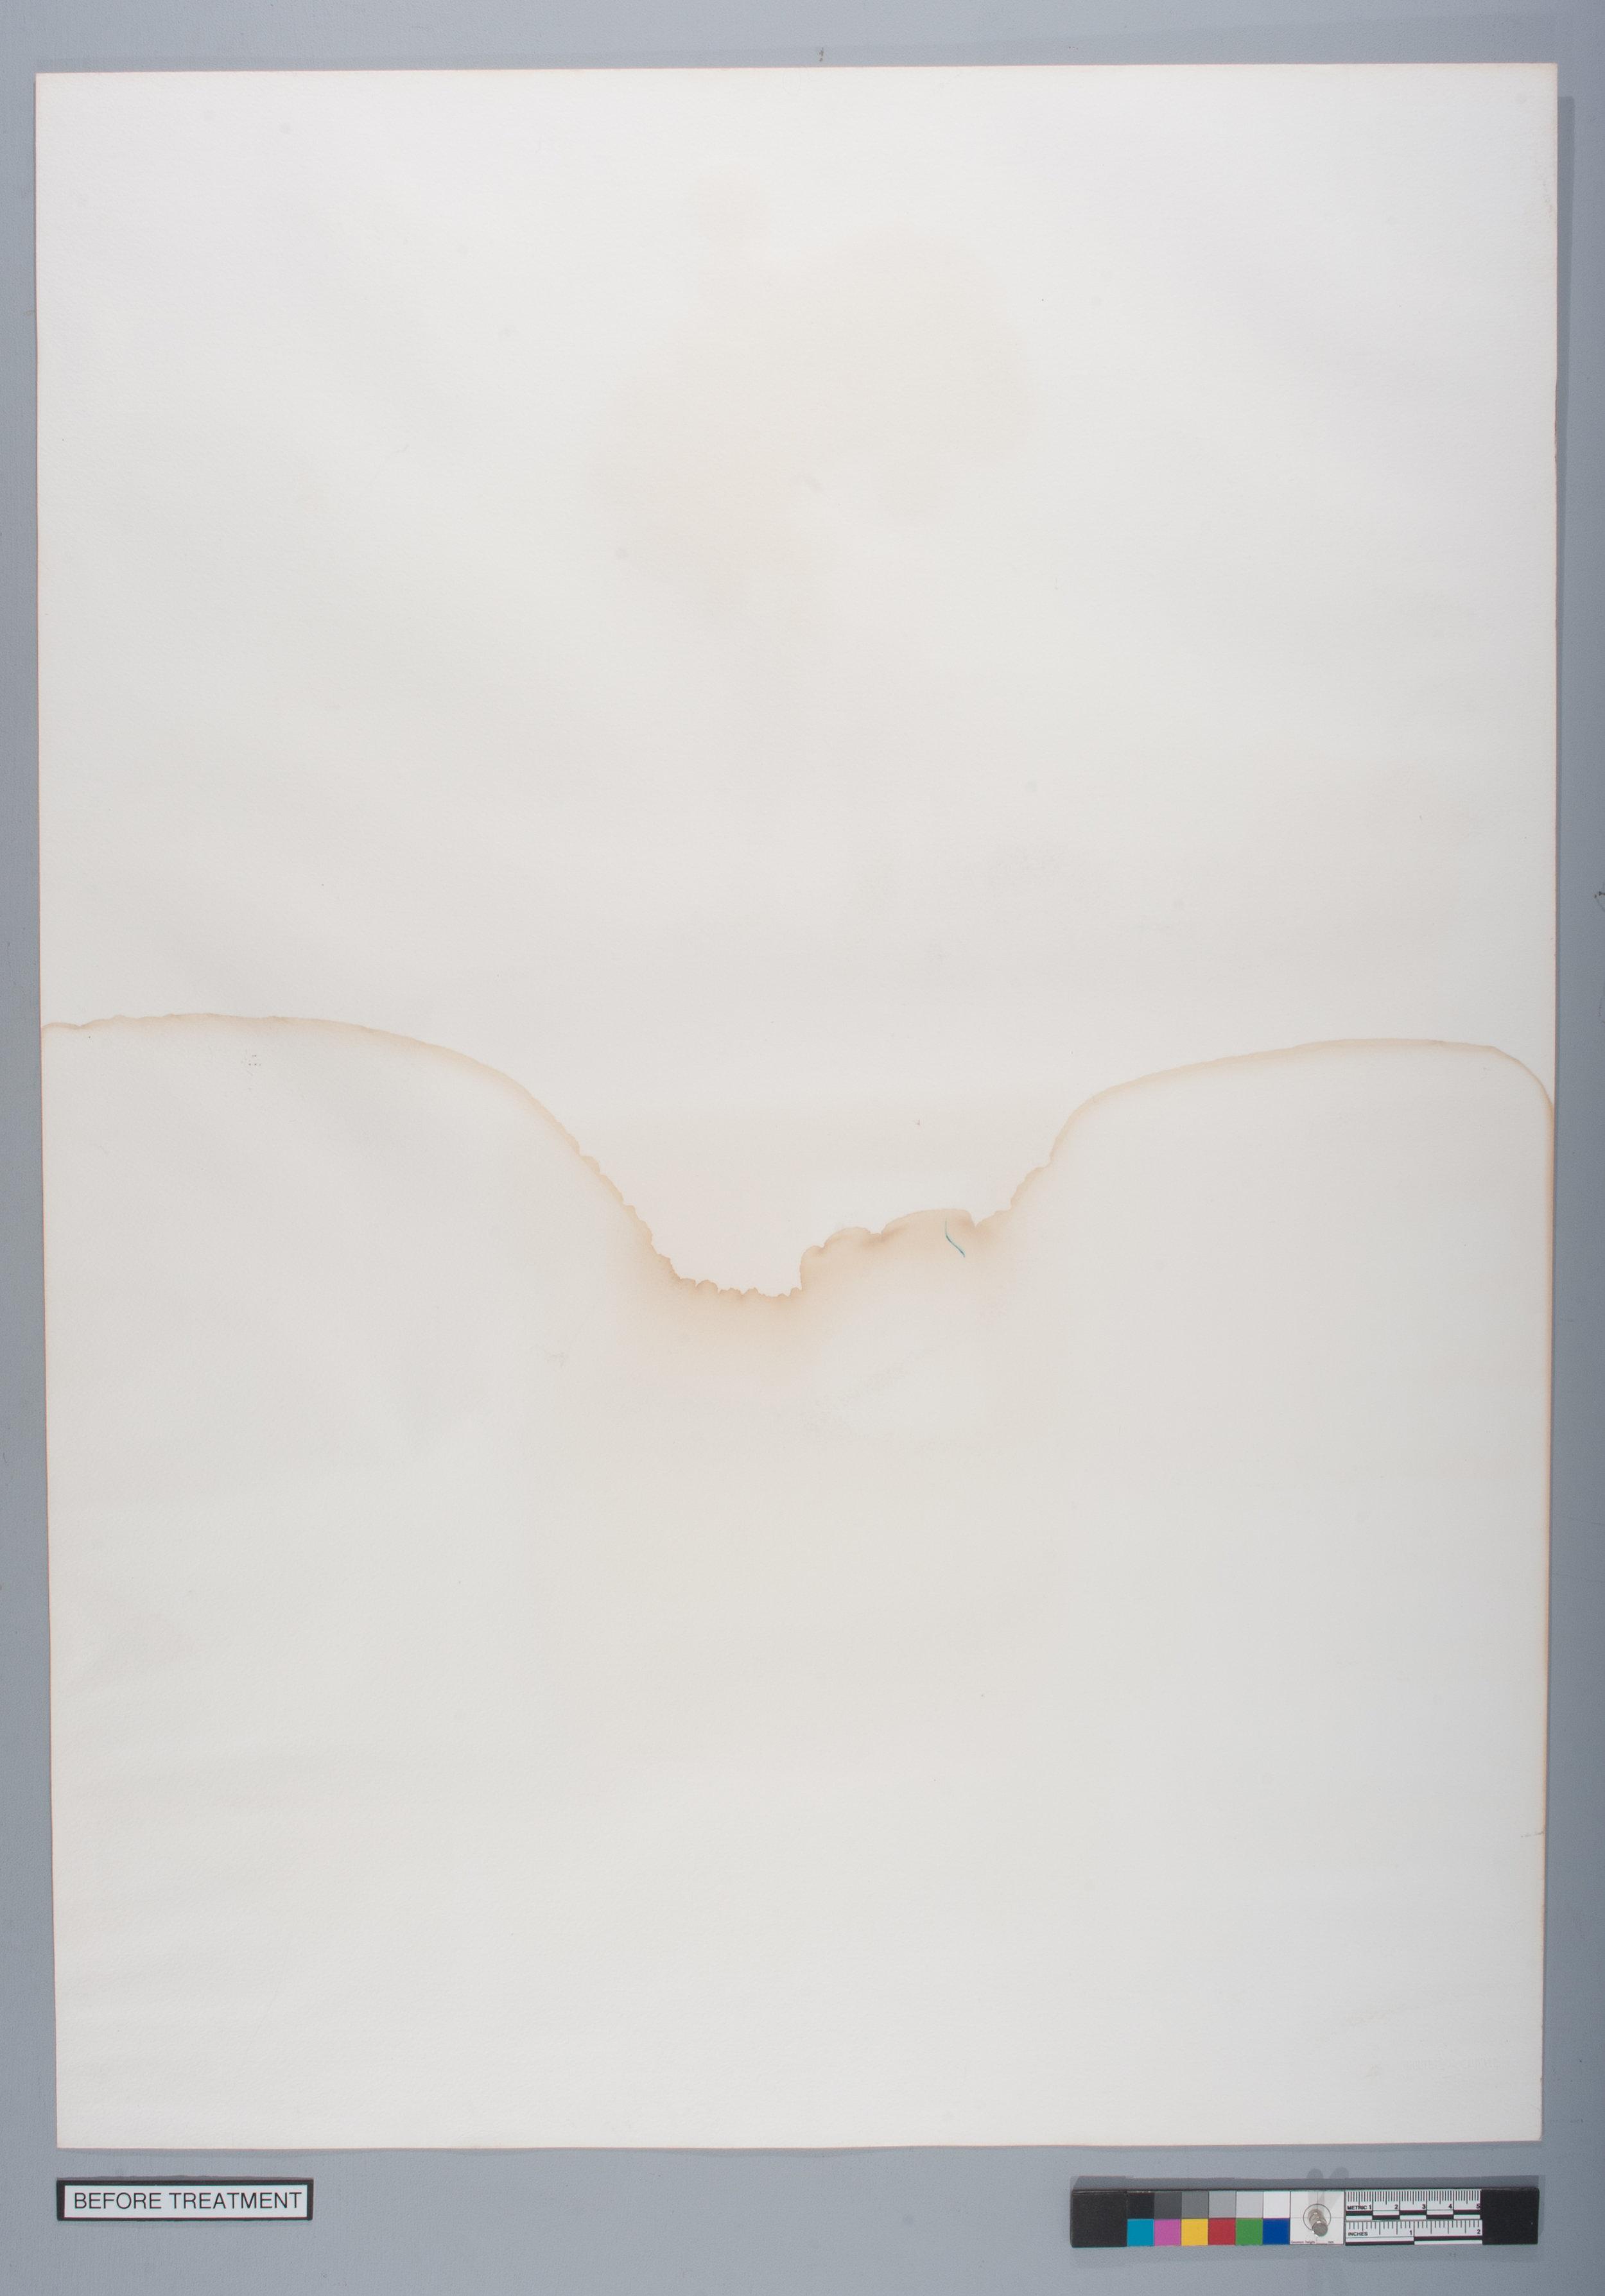 Rauschenberg-03-before